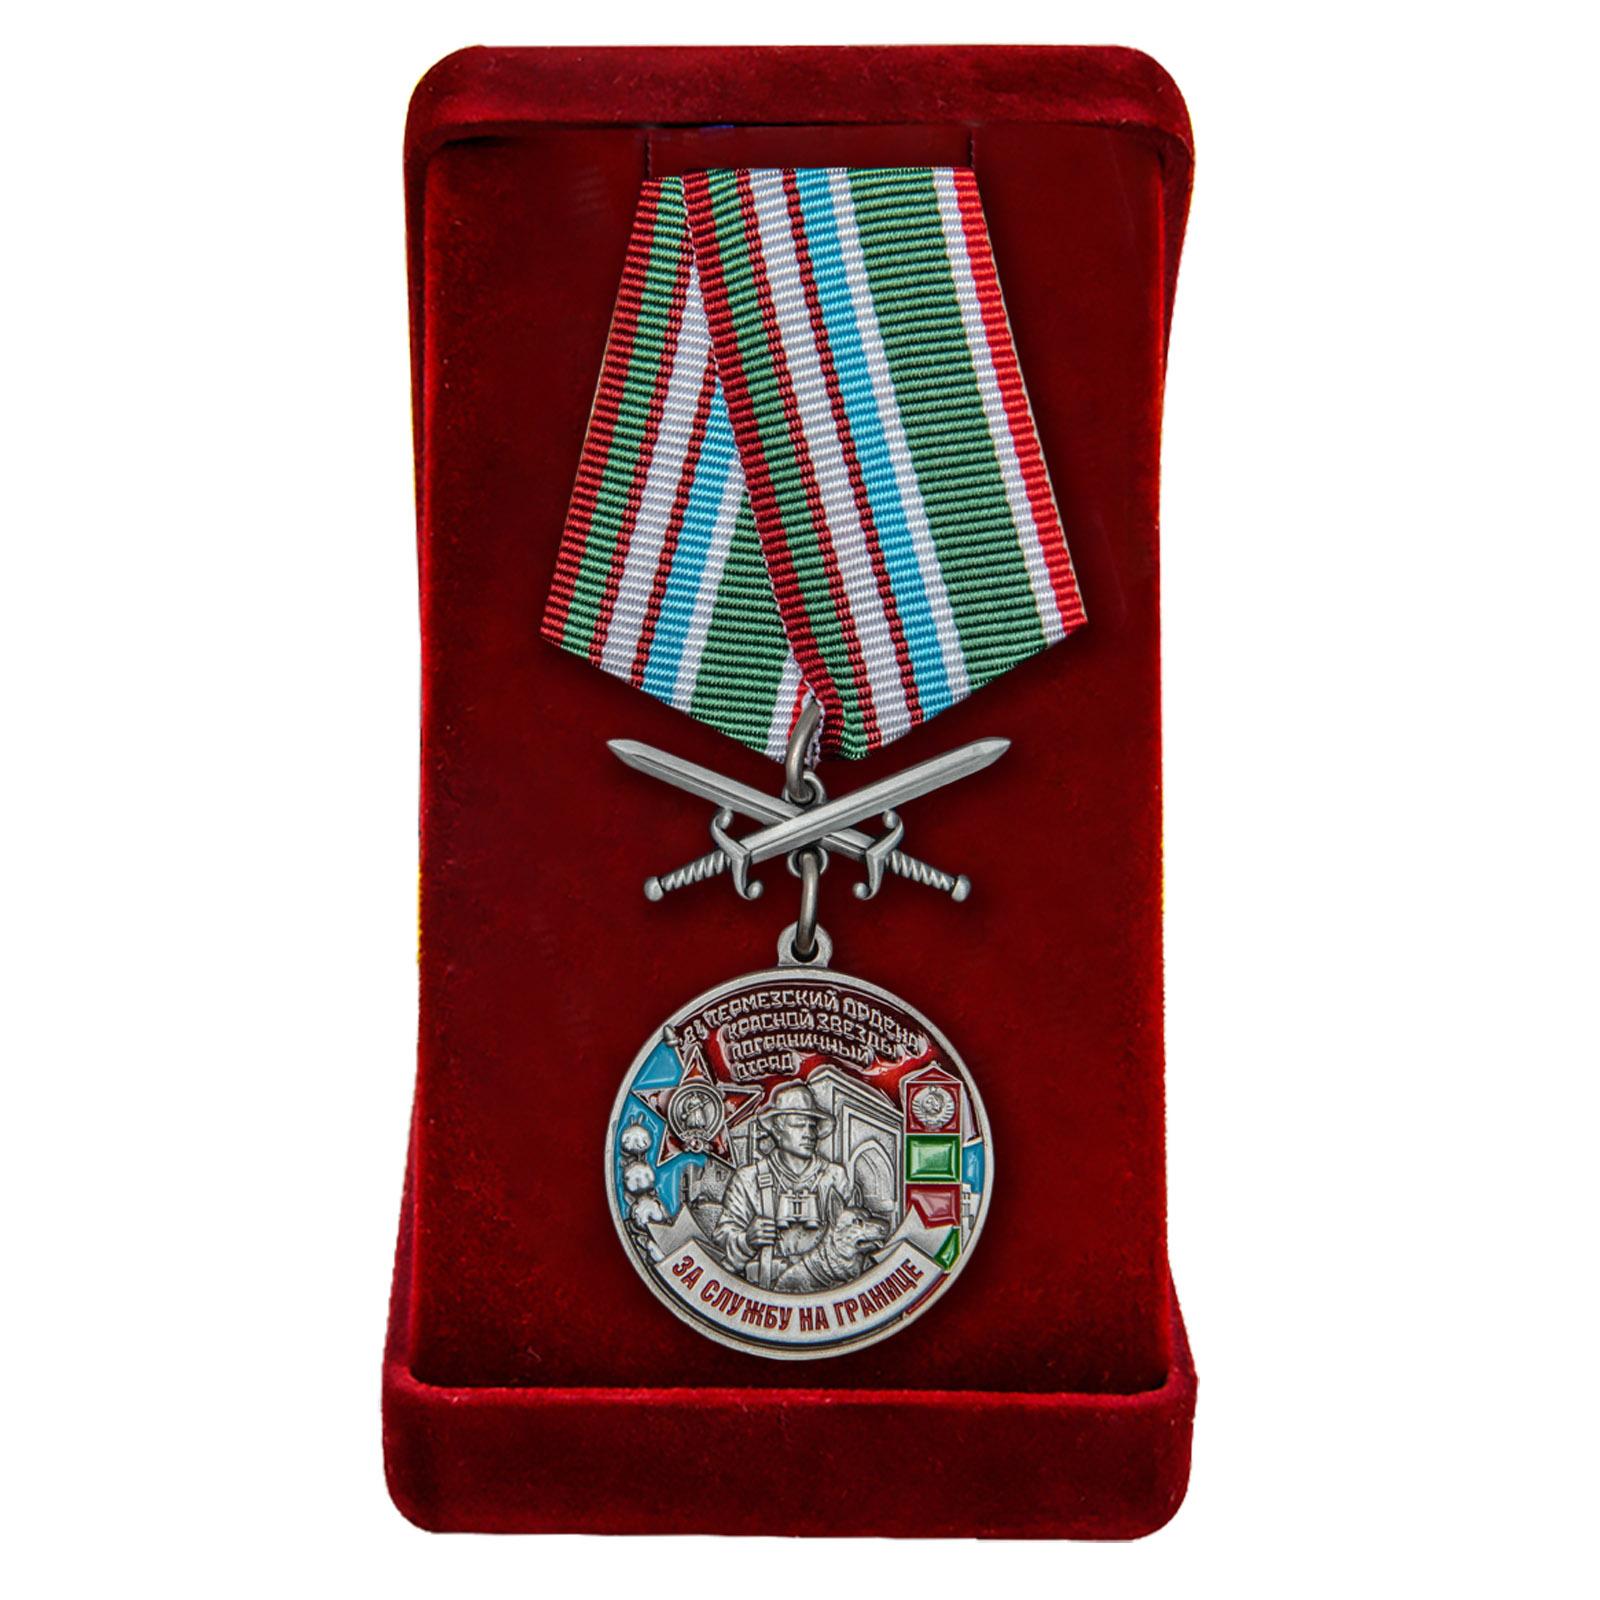 Купить медаль За службу на границе (81 Термезский ПогО) в подарок